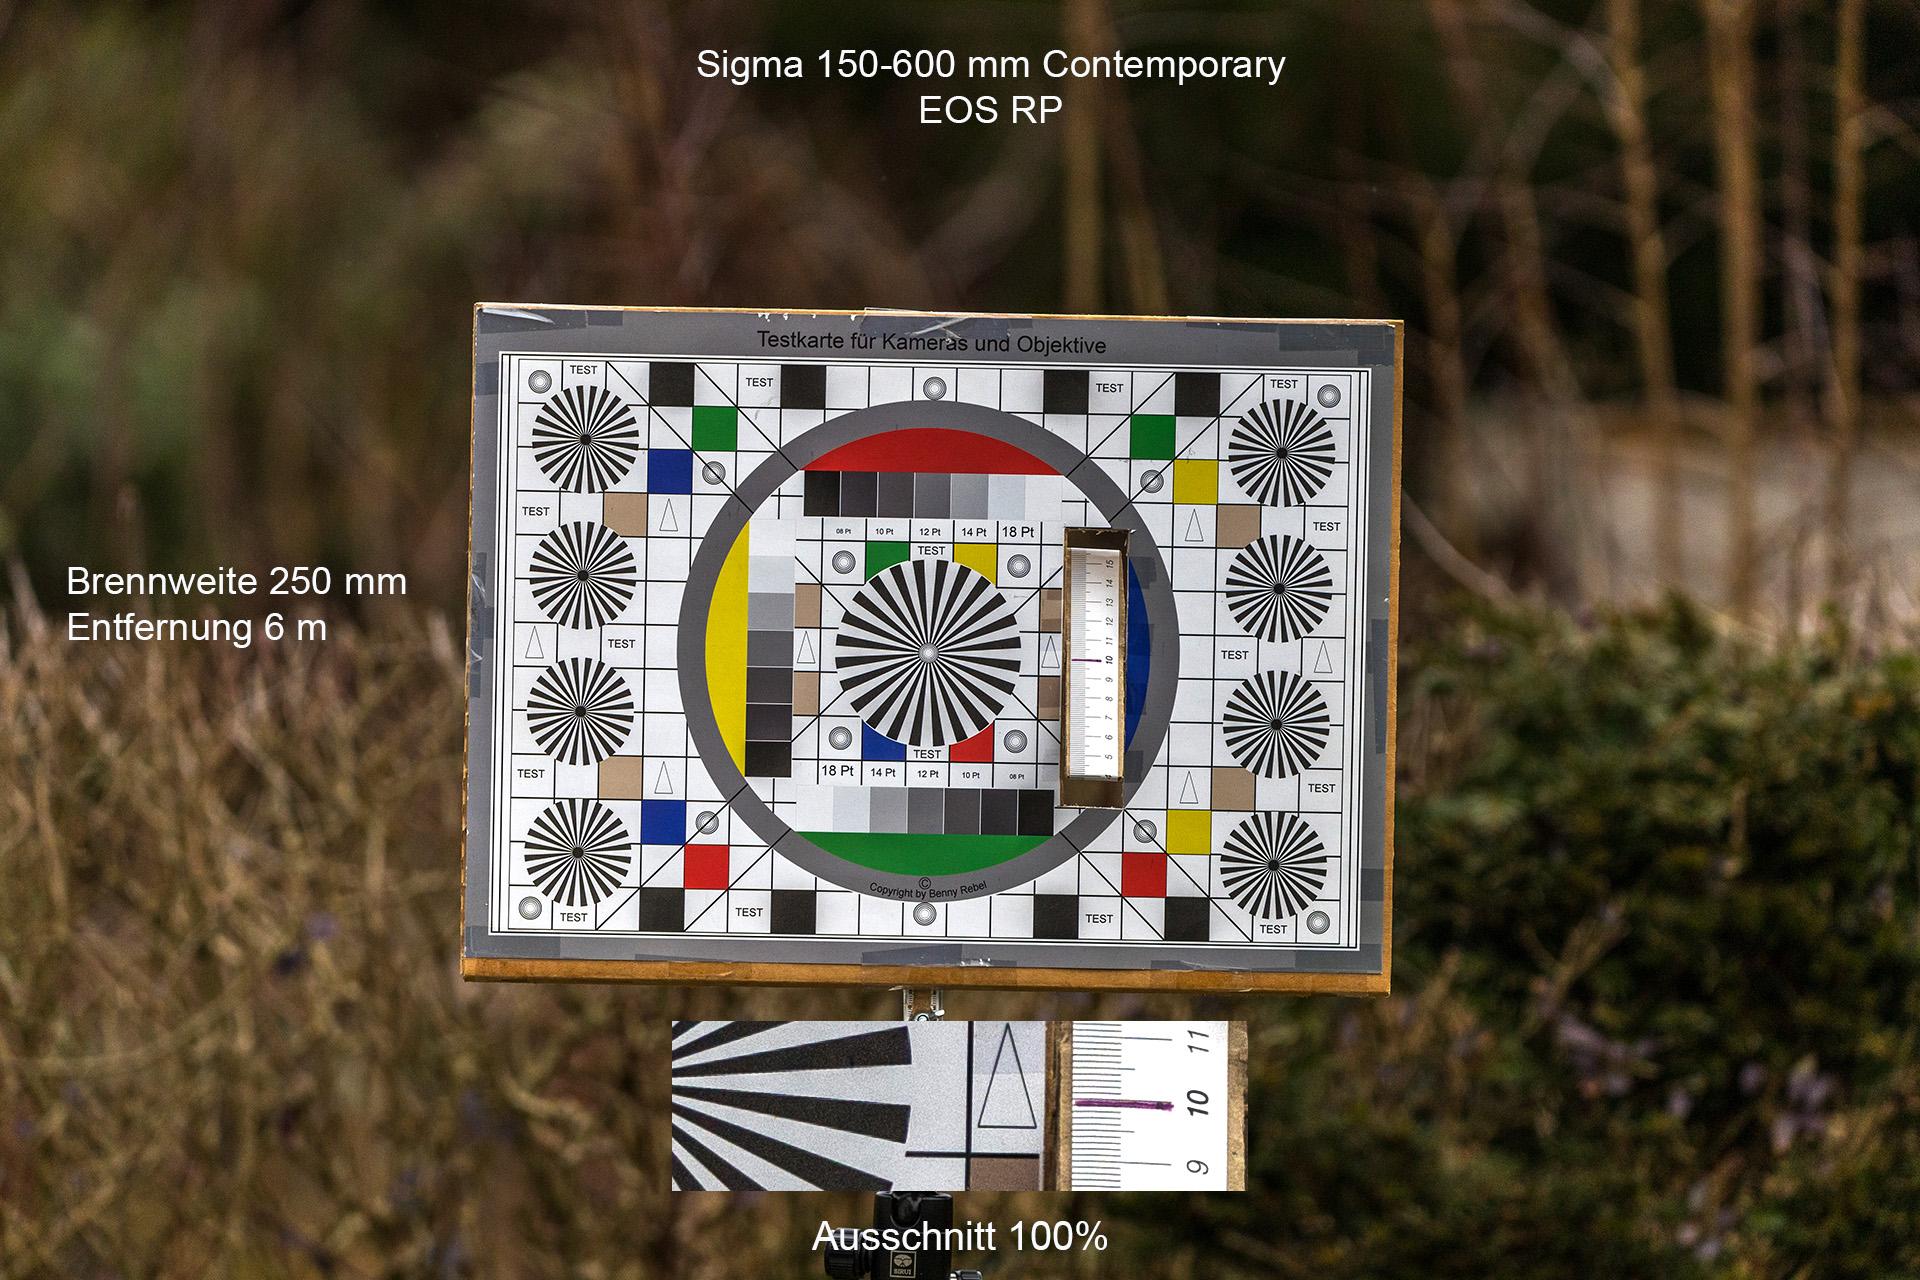 Testaufnahmen mit Sigma 150-600 mm, Canon EOS RP, 250 mm, 6 Meter